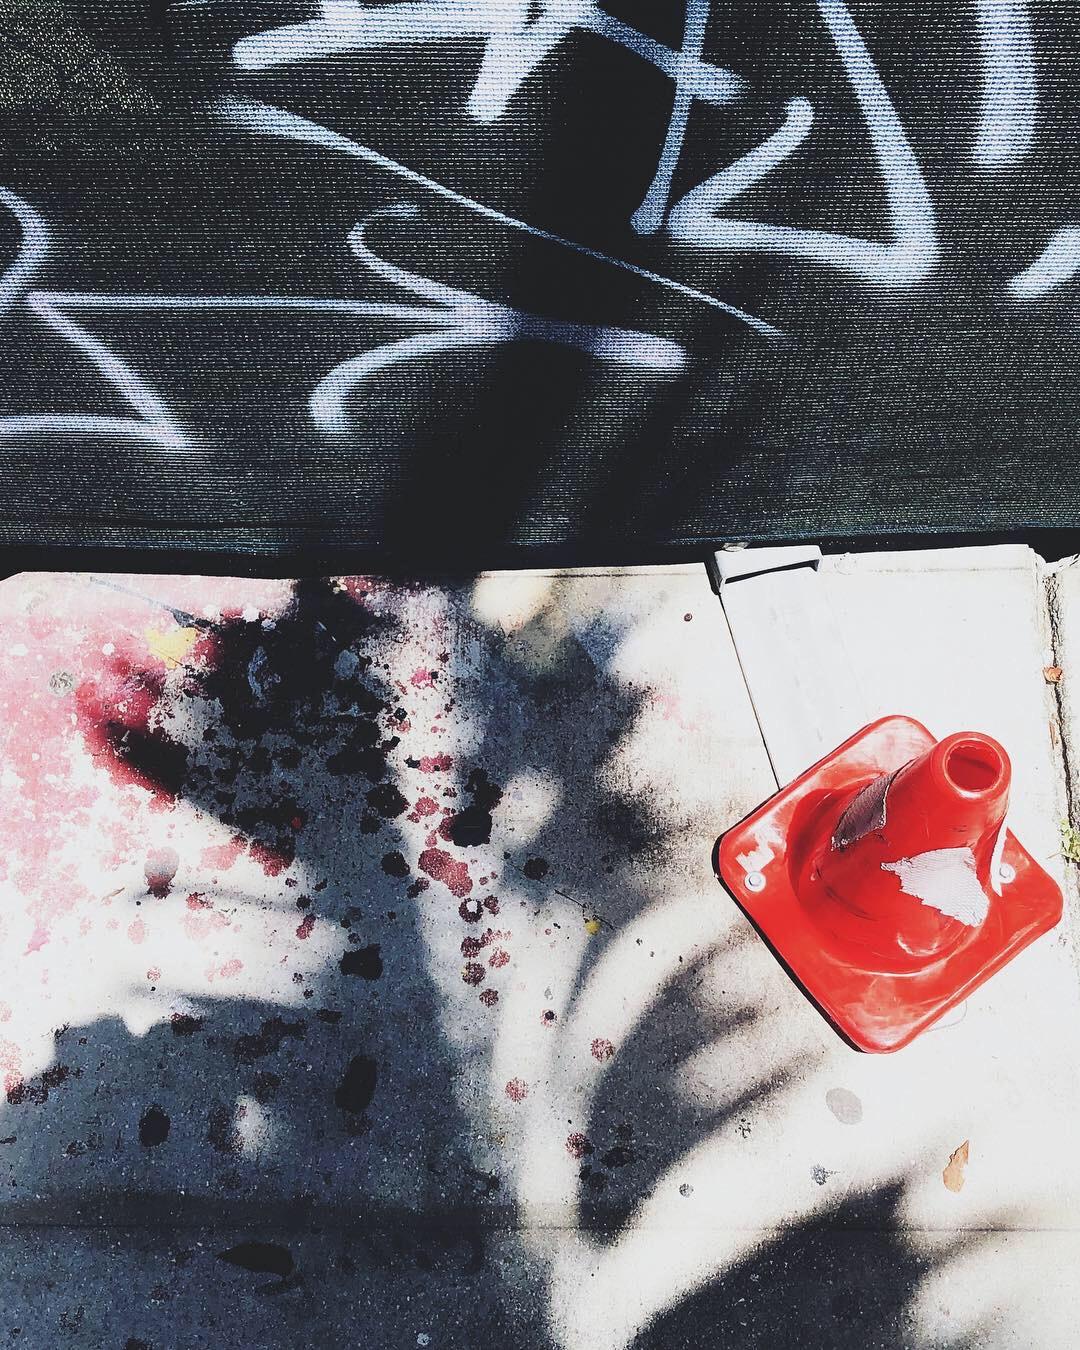 Leigh Beisch Photography Blog: Miami Stories-An Instagram